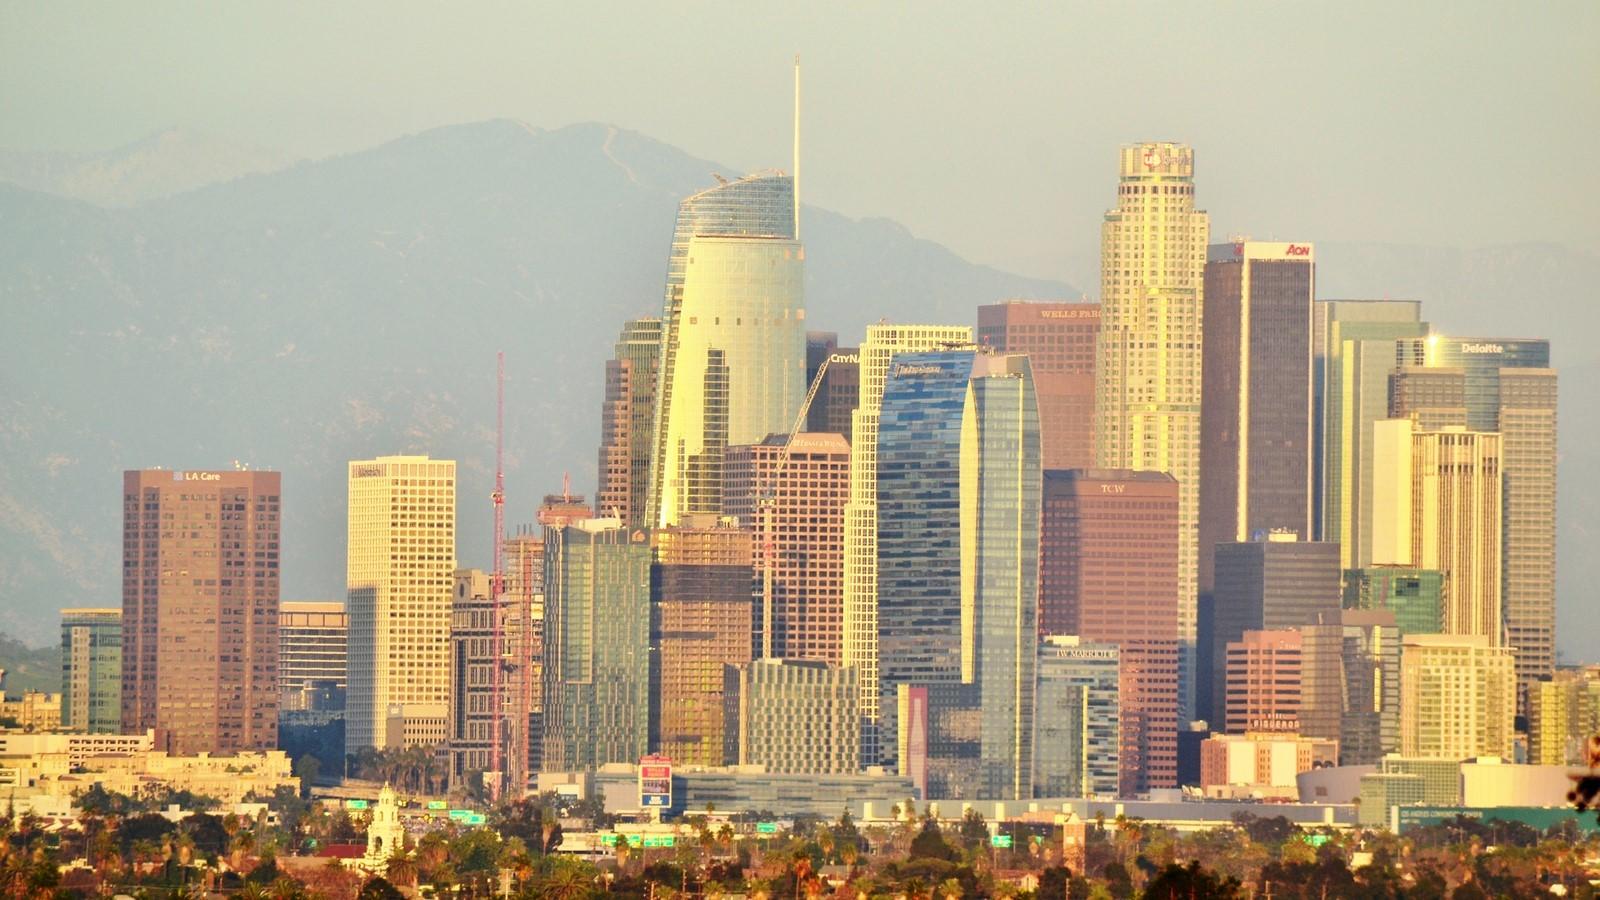 15 Tallest buildings in Los Angeles - sheet2